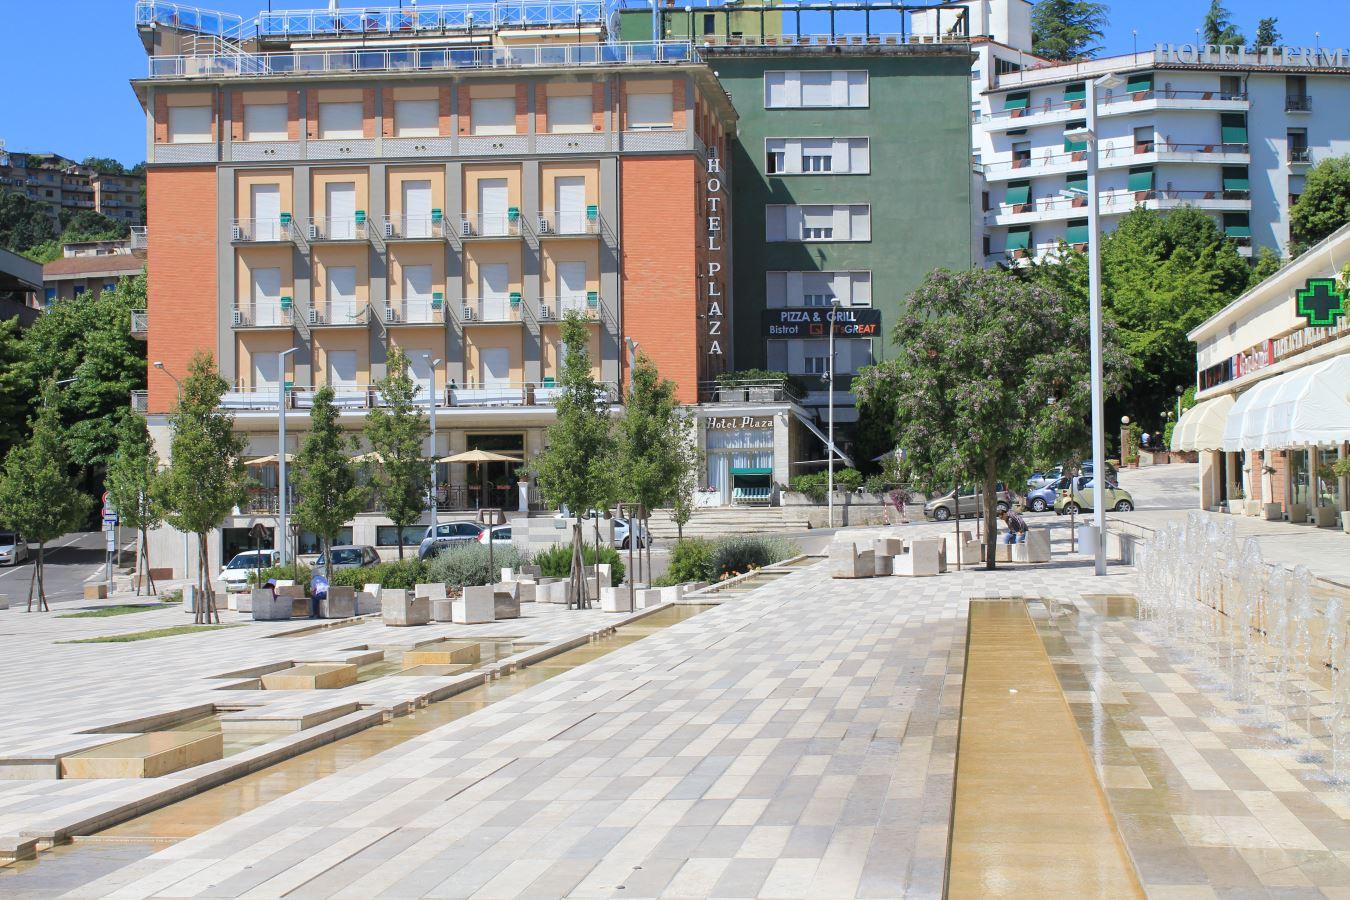 Grand Hotel Plaza Chianciano